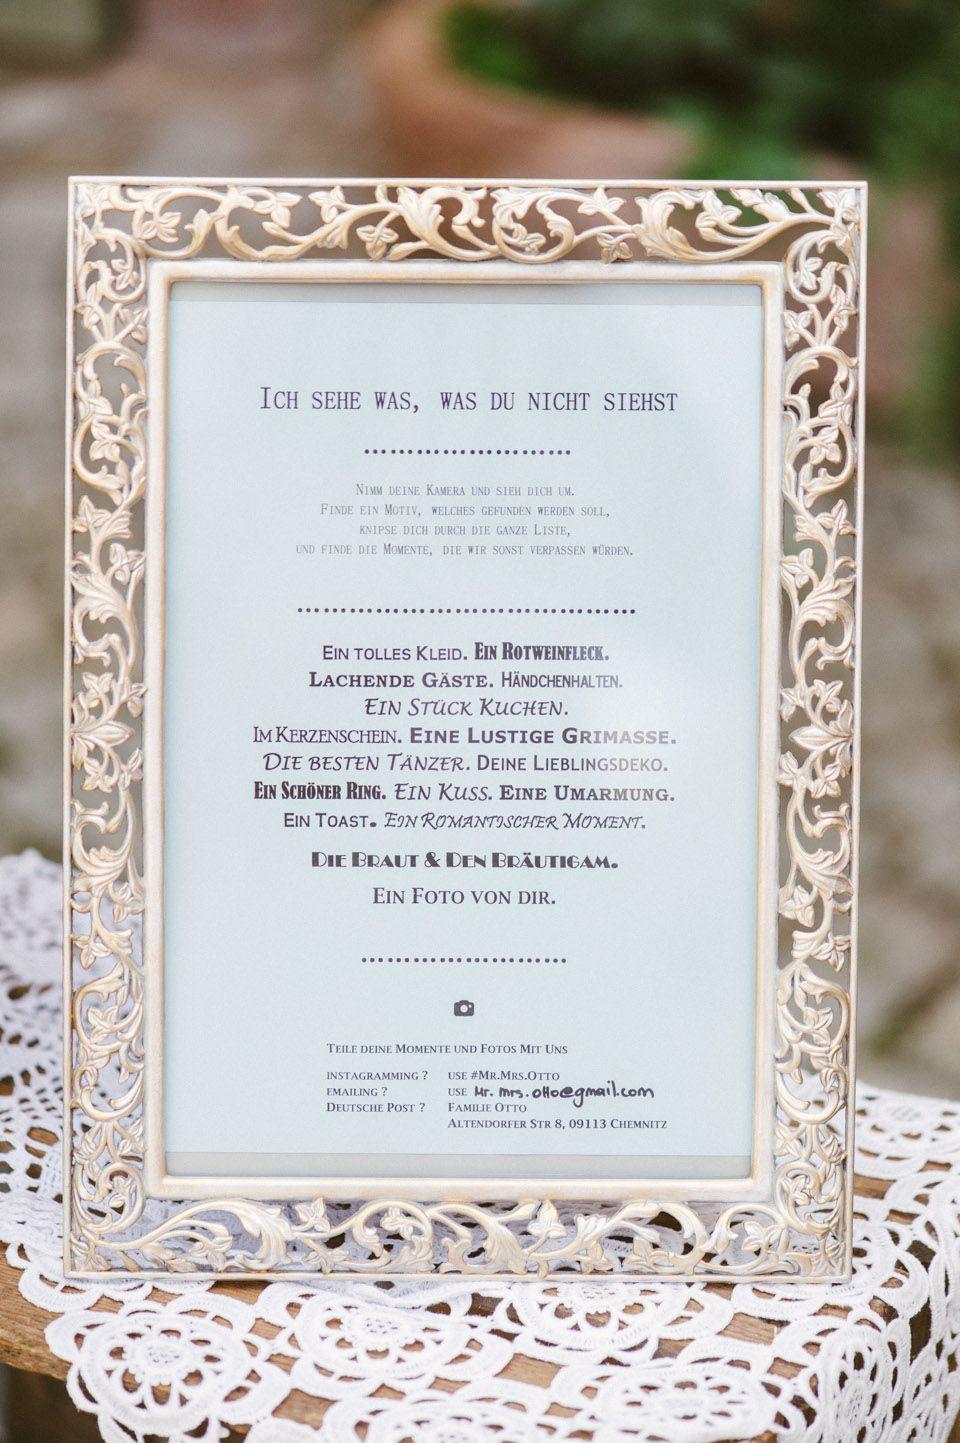 Notfallkörbchen Hochzeit Text  Sehr schöne umsetzung poster in 2019